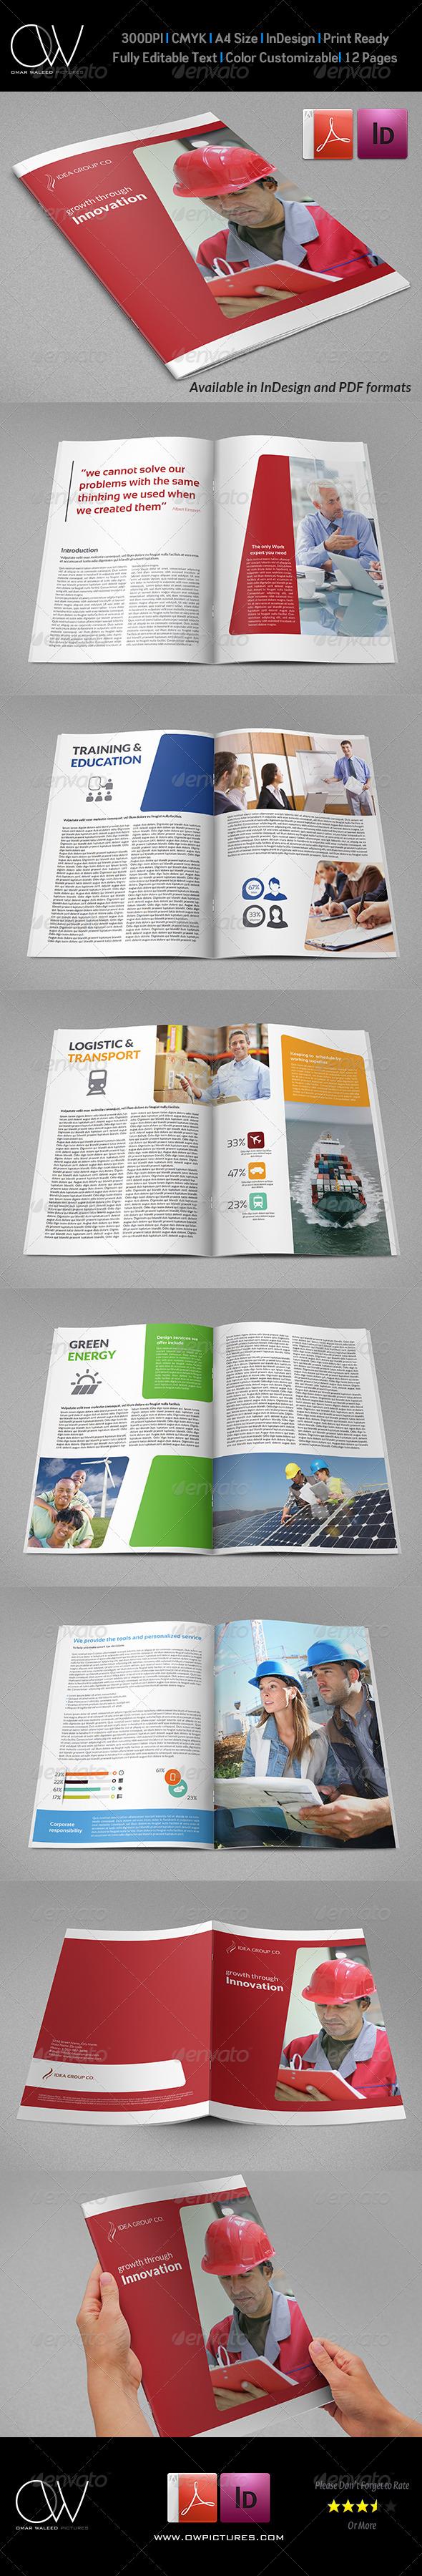 GraphicRiver Company Brochure Template Vol.36 7651970